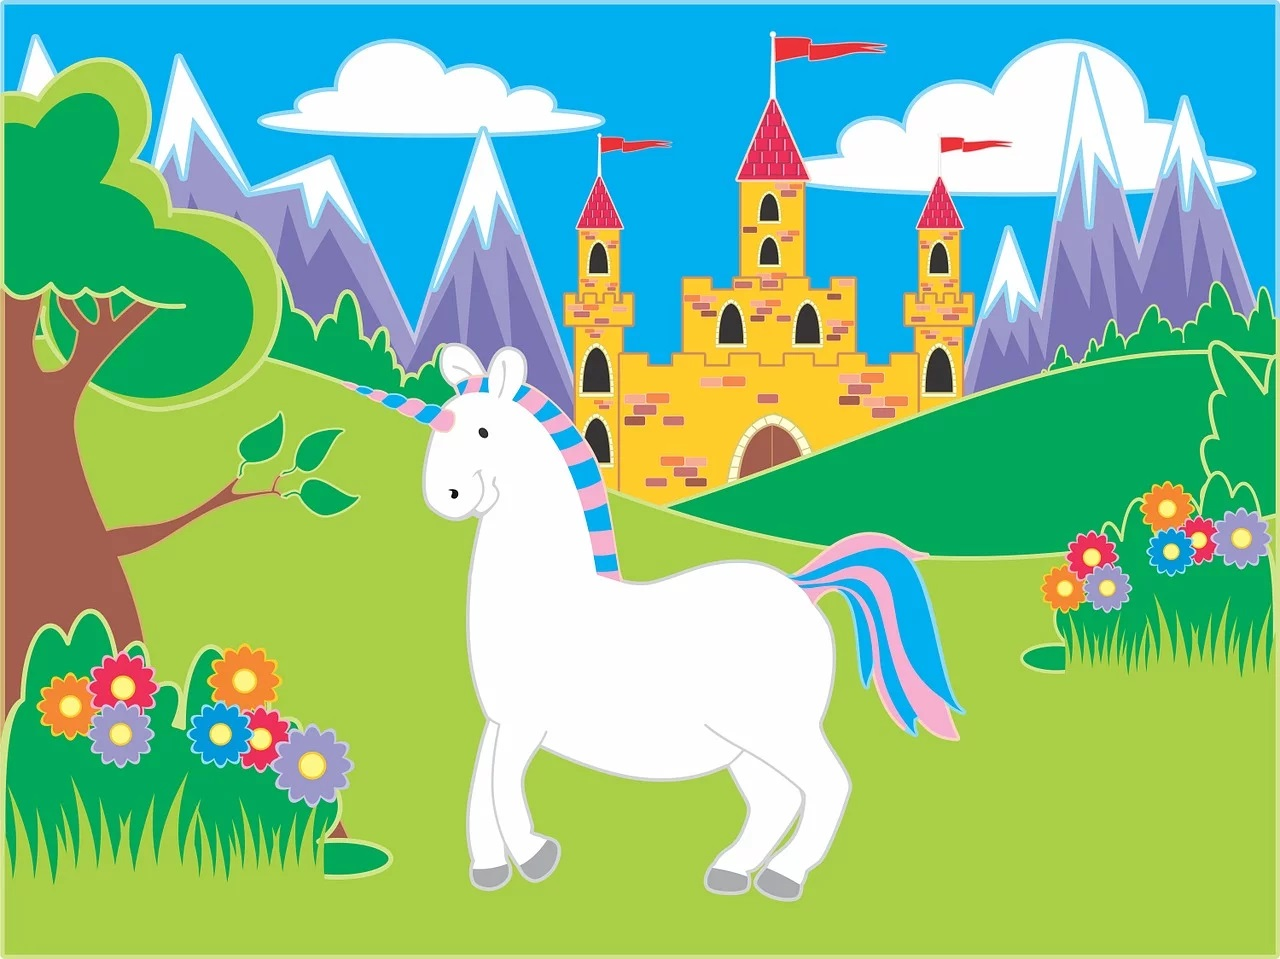 Uratuj jednorożca - multisensoryczny angielski dla 1-5 latków